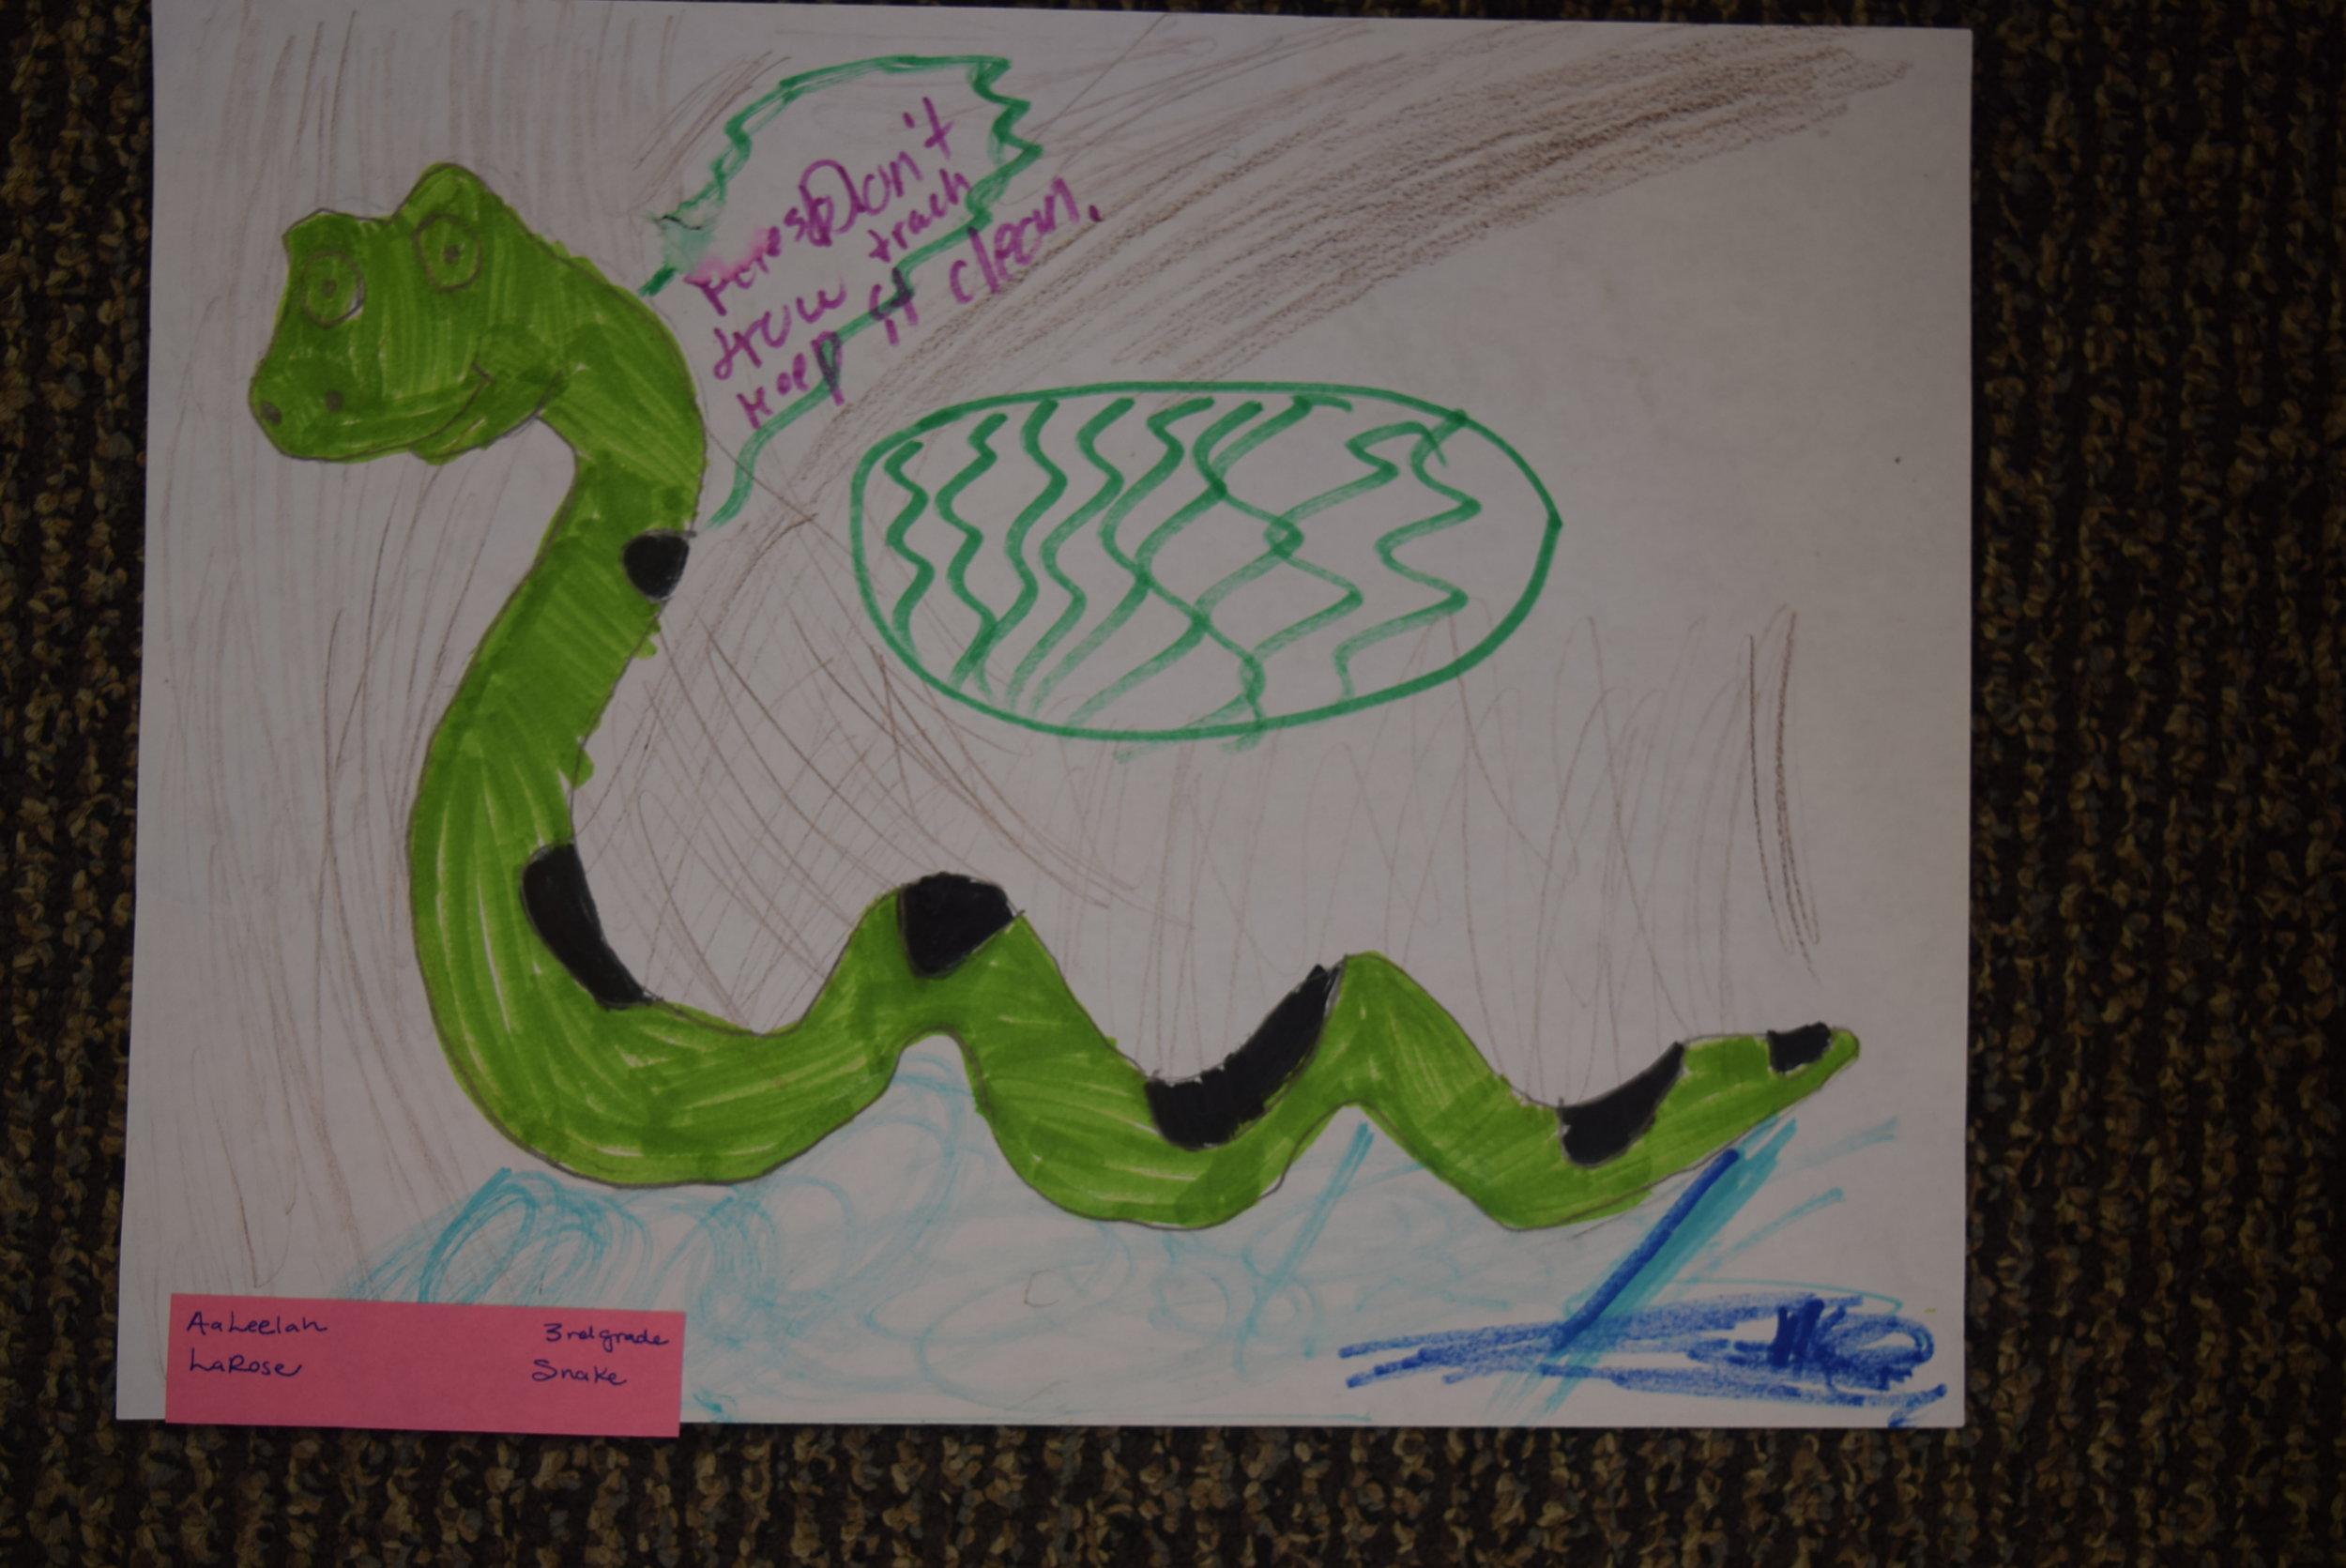 AaLeelah- LaRose, 3rd grade